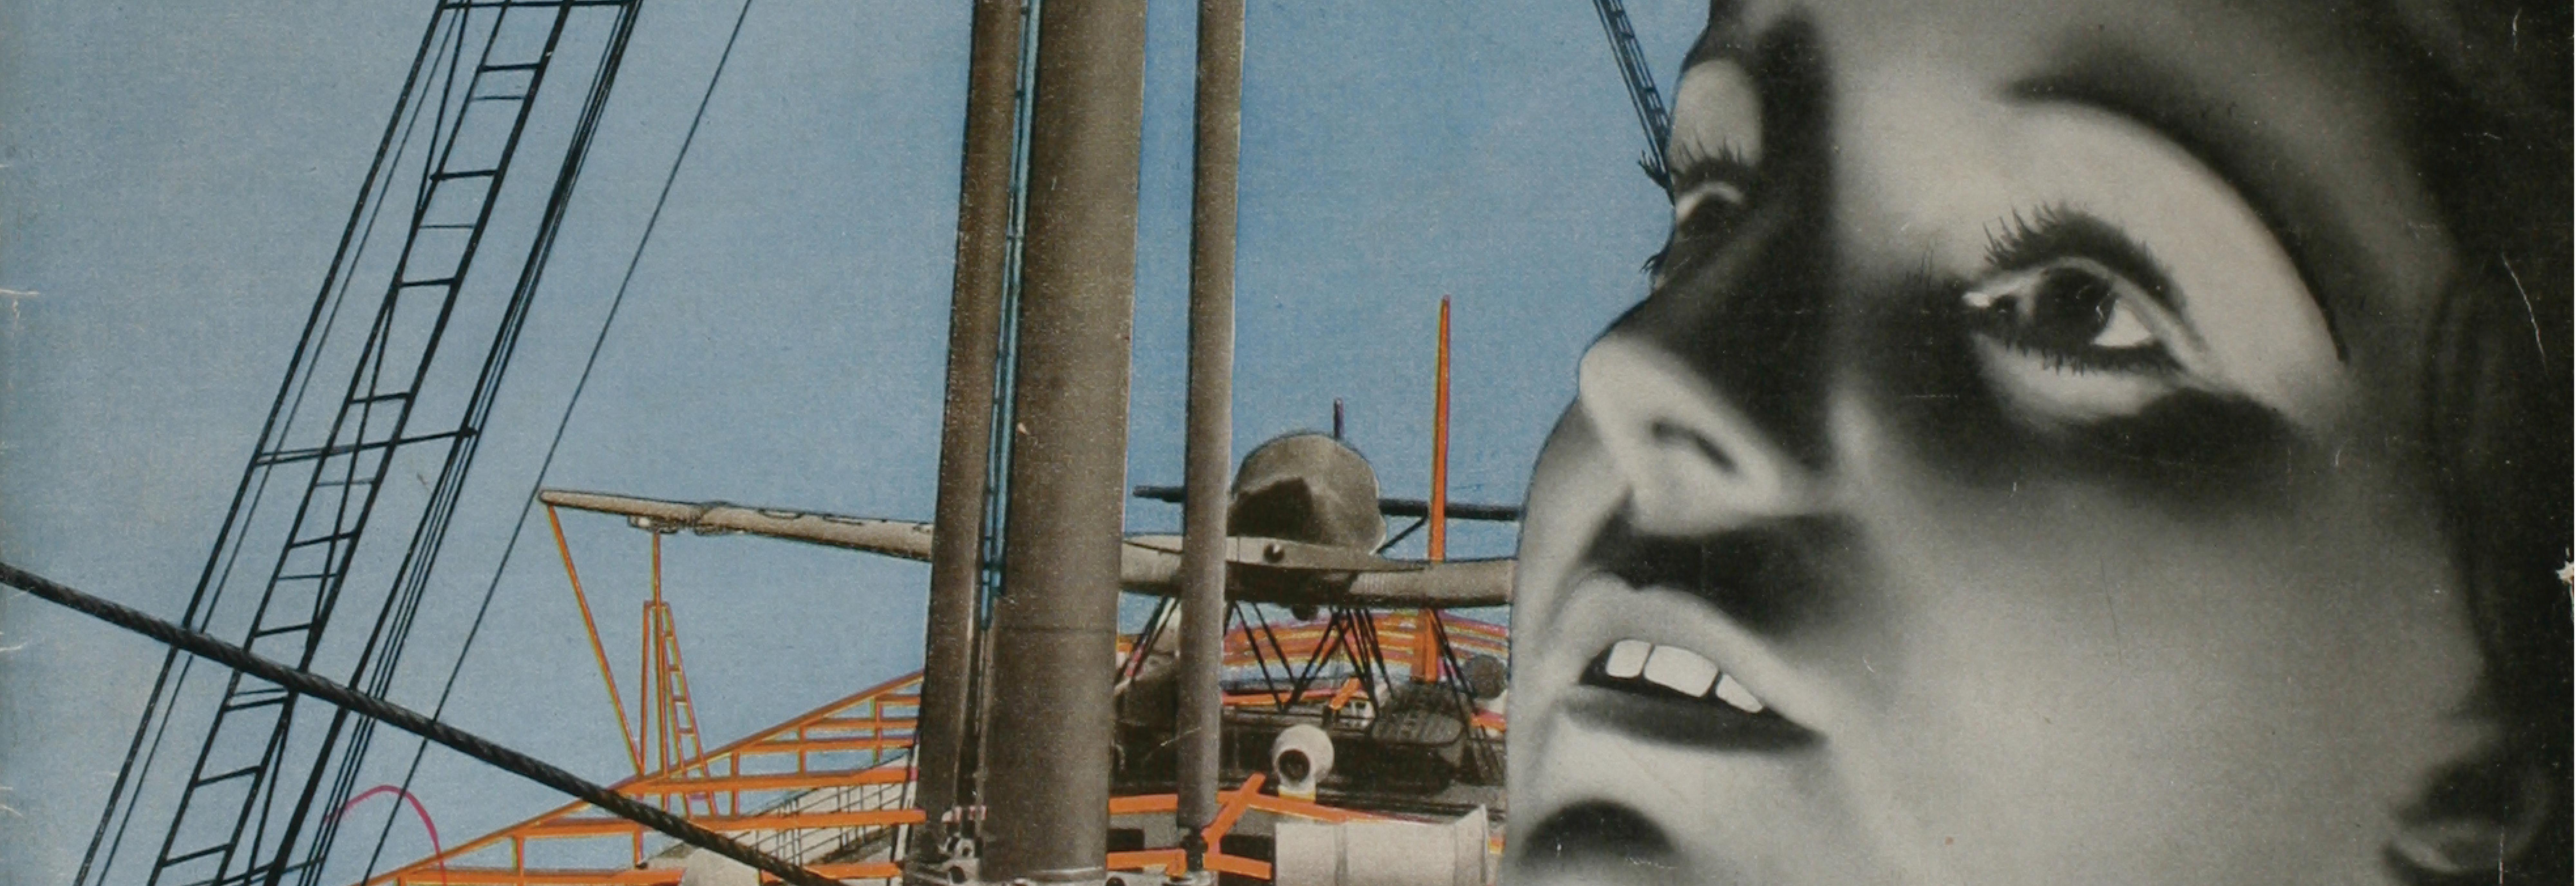 """László Moholy-Nagy, Umschlag für die Zeitschrift """"die neue linie"""""""